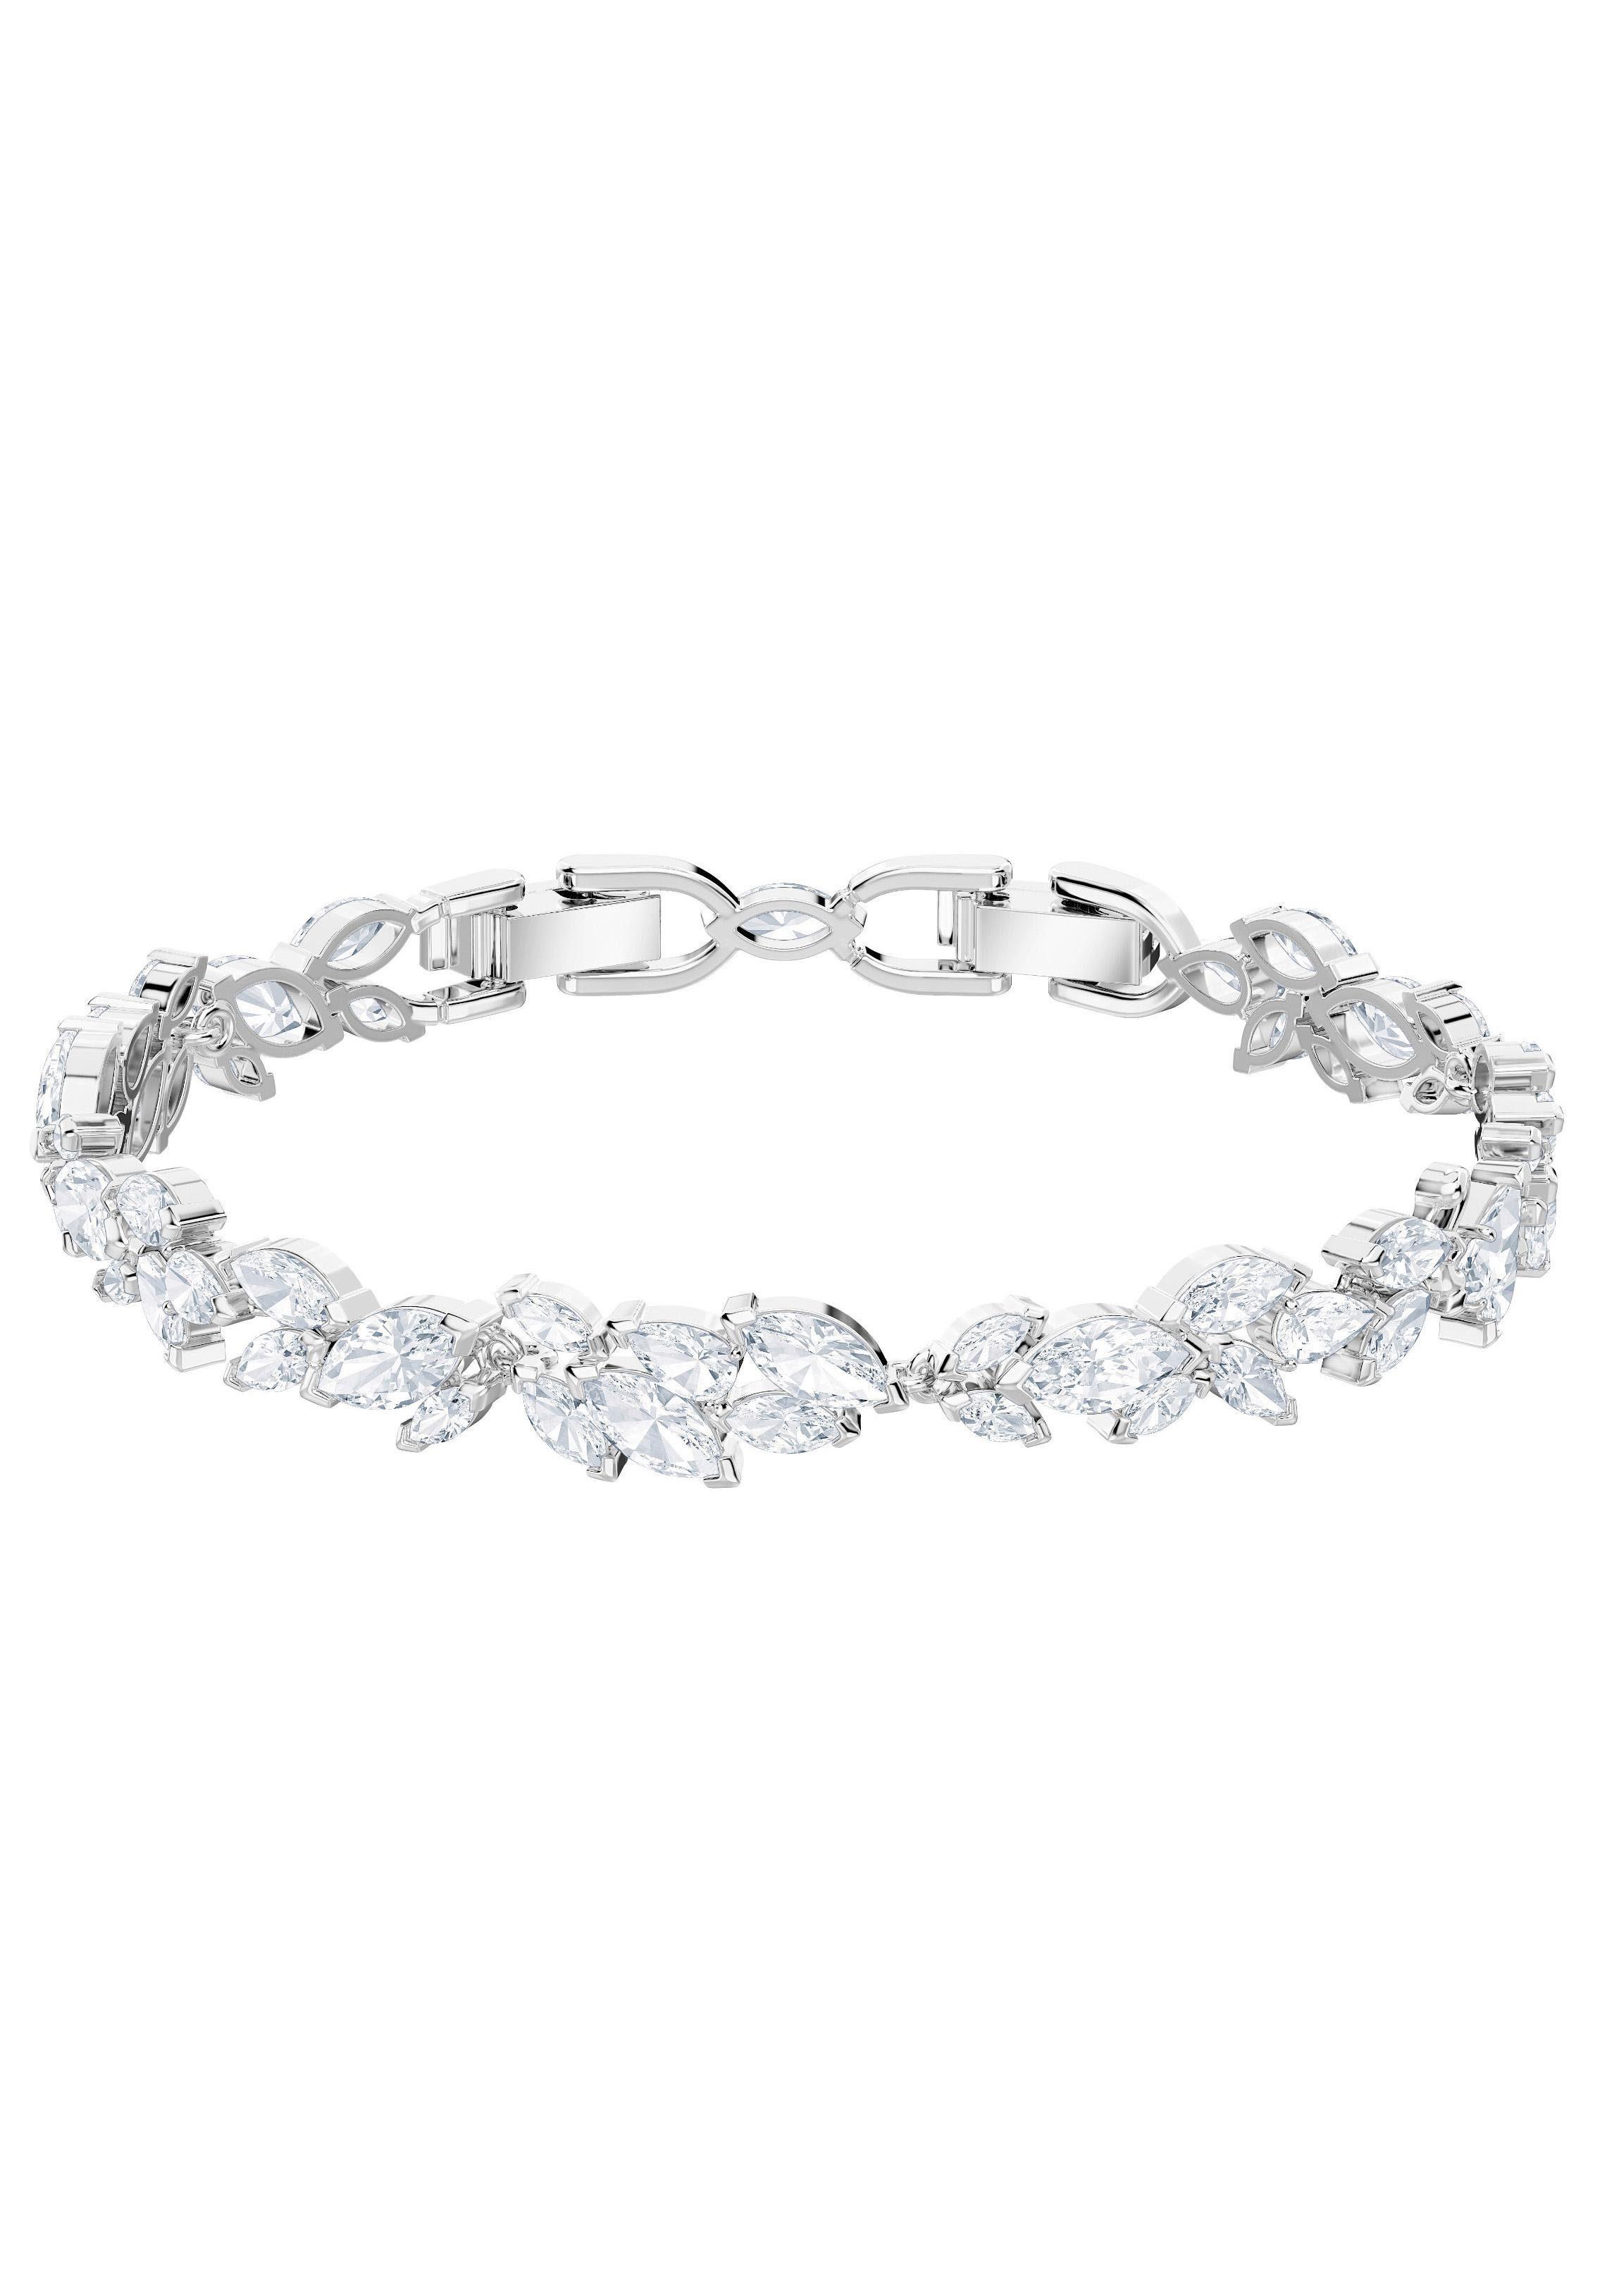 Swarovski Armband »Louison Armband, 5419244« mit Swarovski® Kristallen